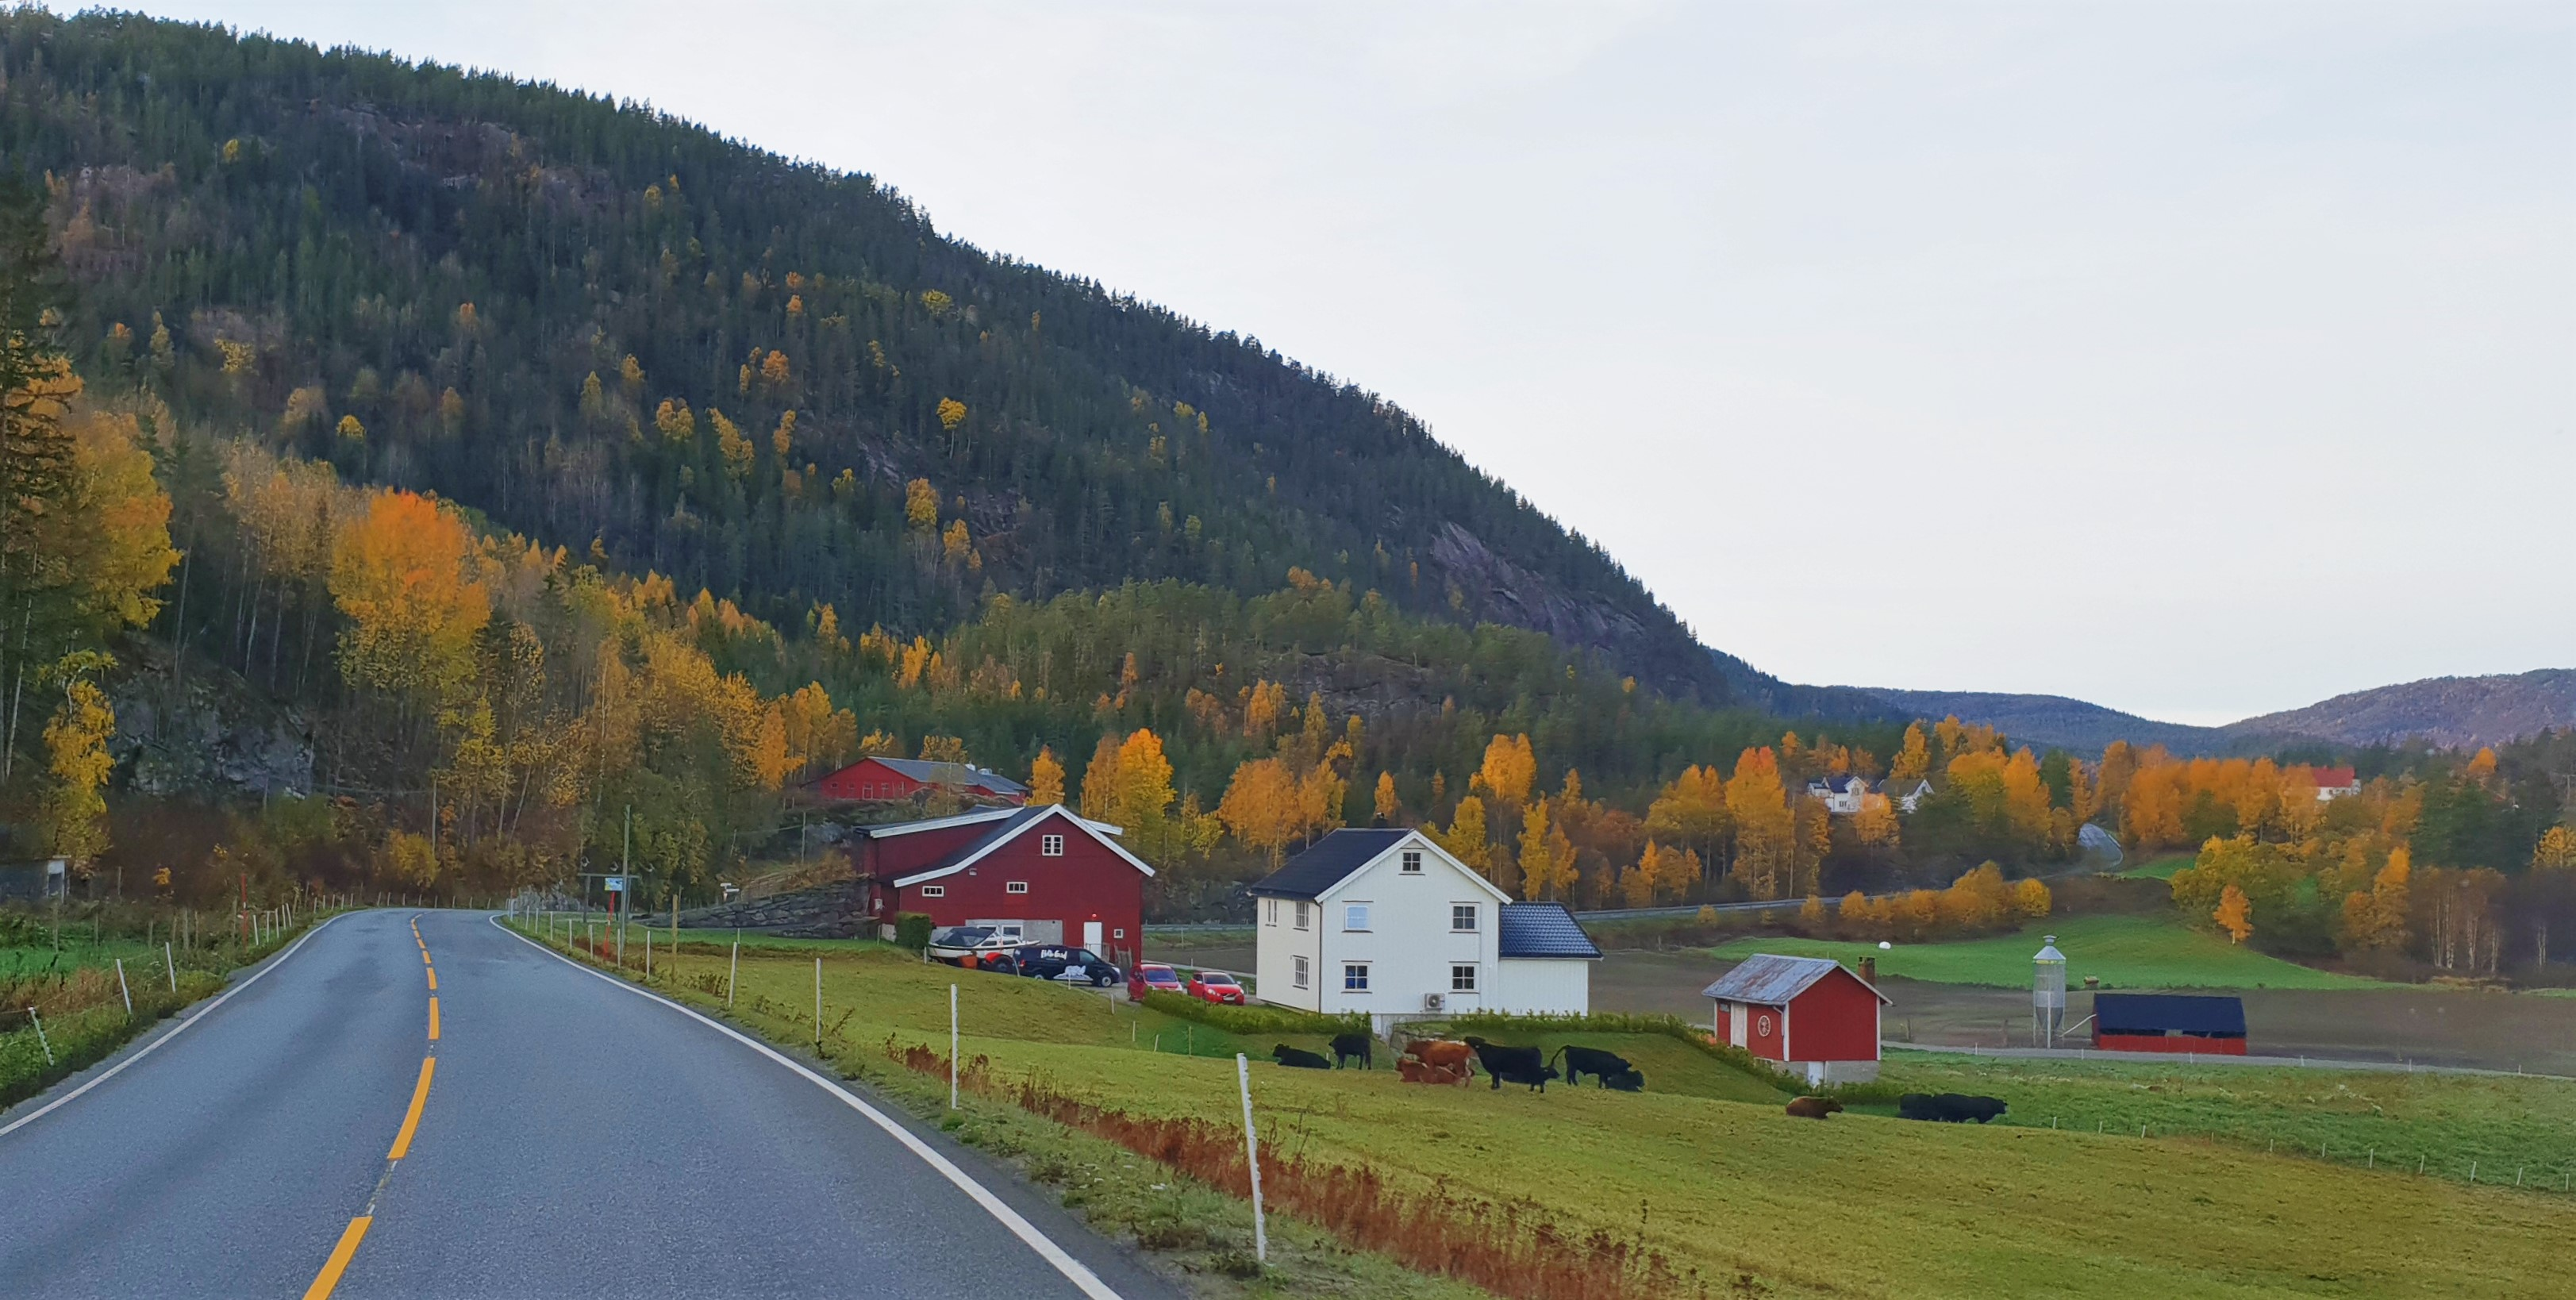 Utsikt fra bobil i Telemark